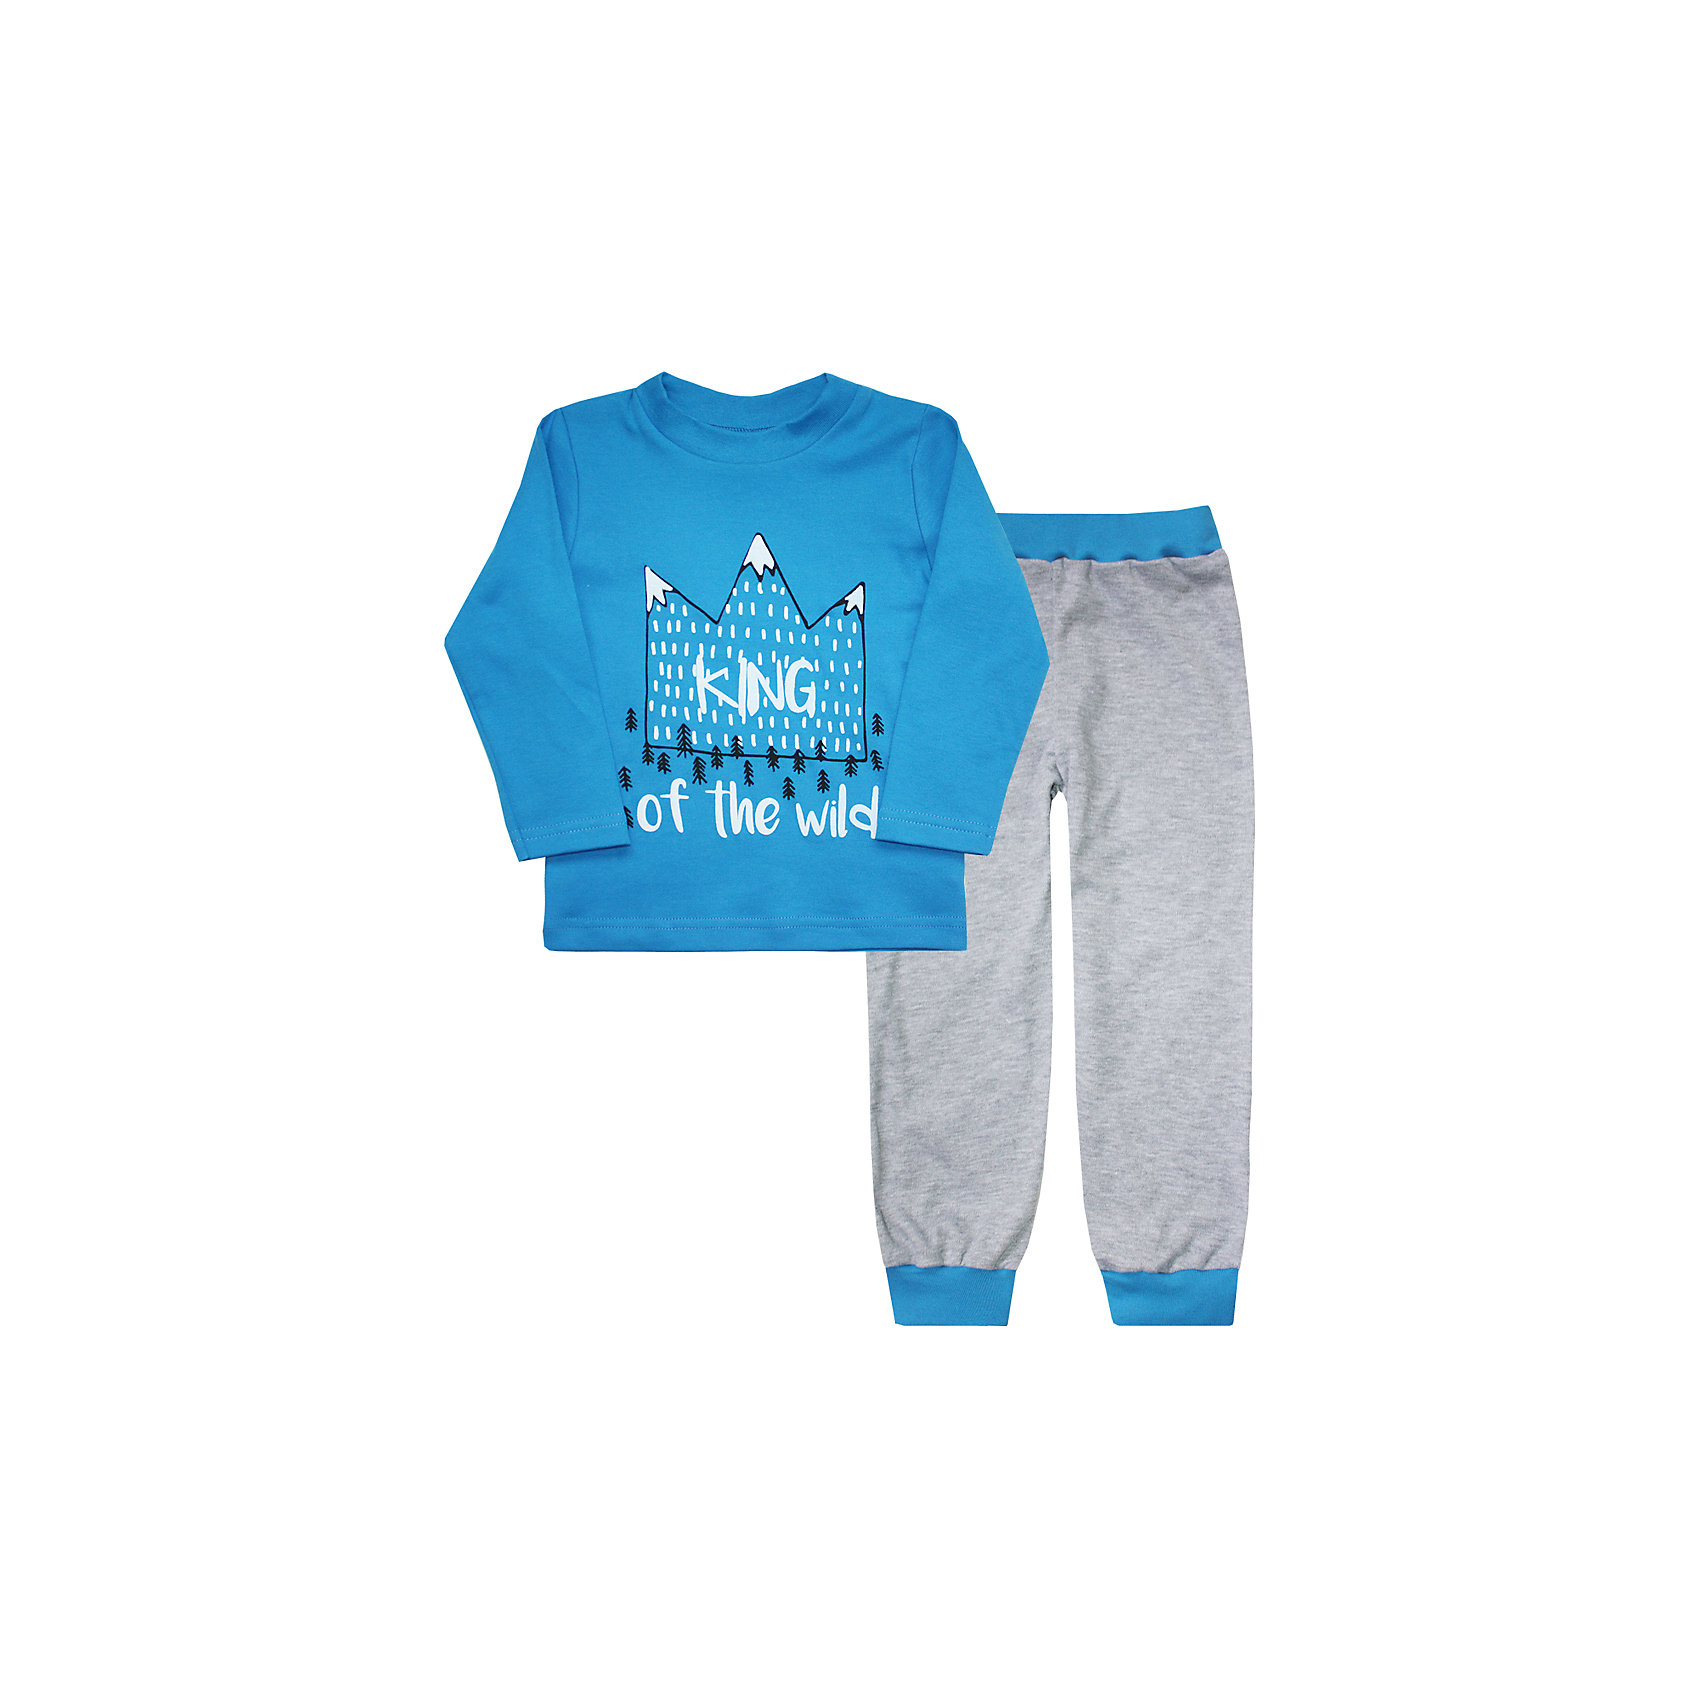 Пижама  для мальчика КотМарКотПижамы и сорочки<br>Пижама  для мальчика  известной марки КотМарКот.<br><br>Состав: 100% хлопок<br><br>Данную пижаму вы можете купить в нашем магазине.<br><br>Ширина мм: 281<br>Глубина мм: 70<br>Высота мм: 188<br>Вес г: 295<br>Цвет: голубой<br>Возраст от месяцев: 72<br>Возраст до месяцев: 84<br>Пол: Мужской<br>Возраст: Детский<br>Размер: 122,92,98,104,110,116<br>SKU: 4906553